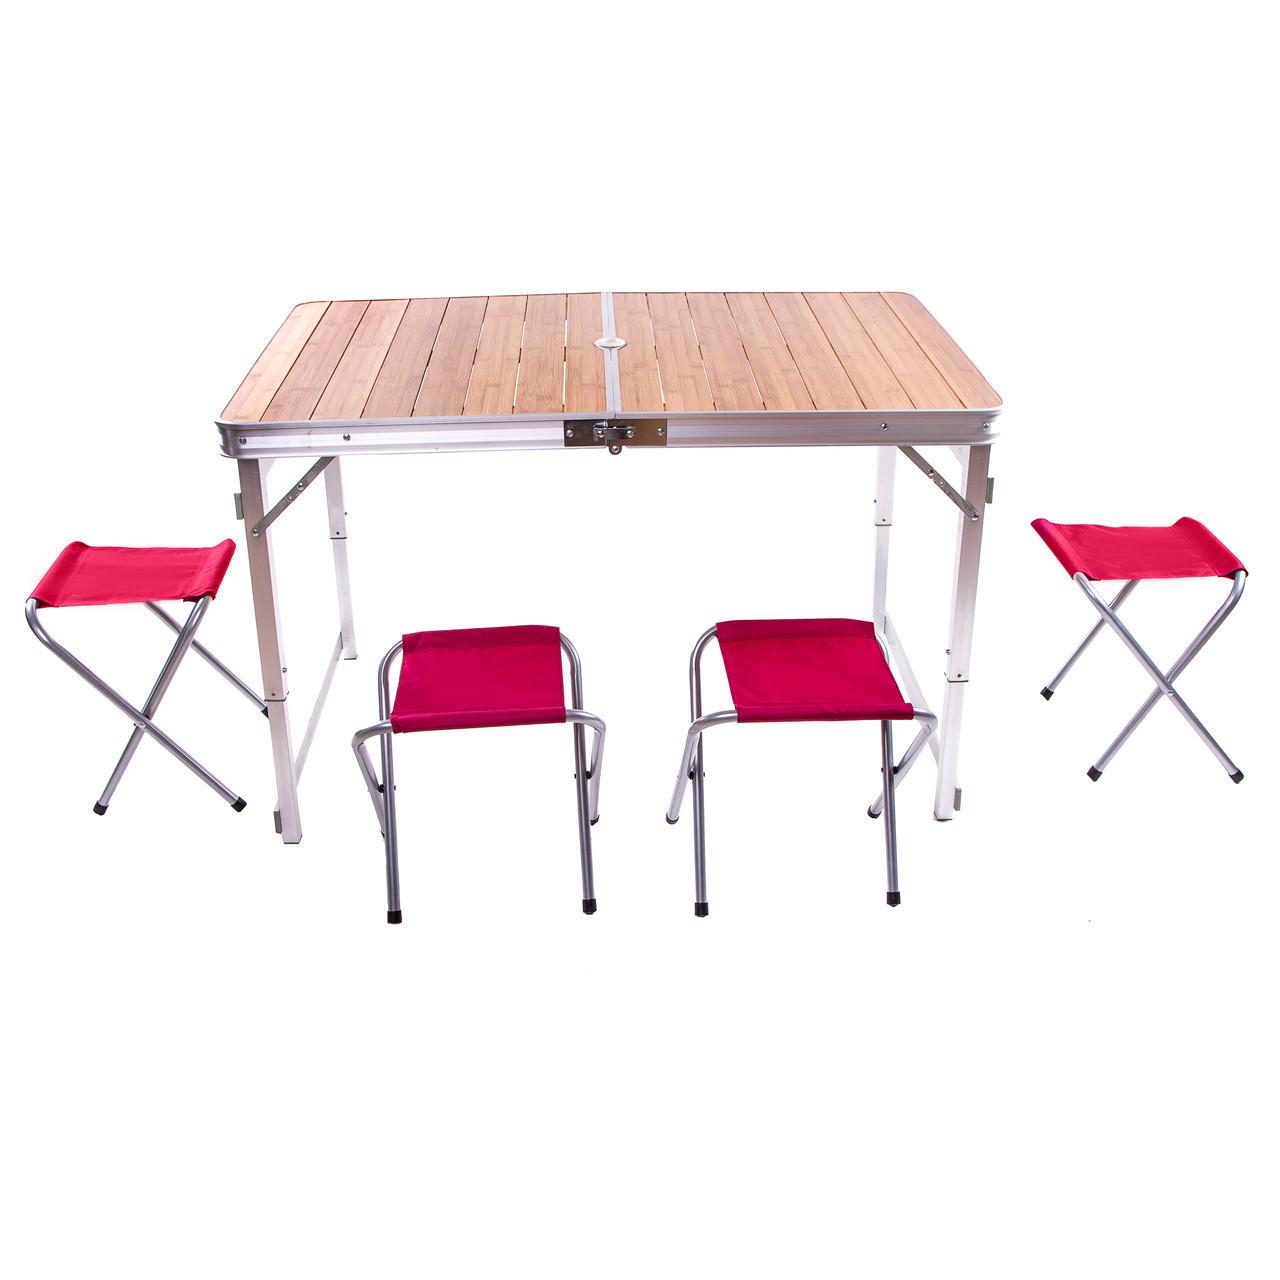 Стол «HX-9001» бамбуковый складной + 4 стула 120x70x70 см